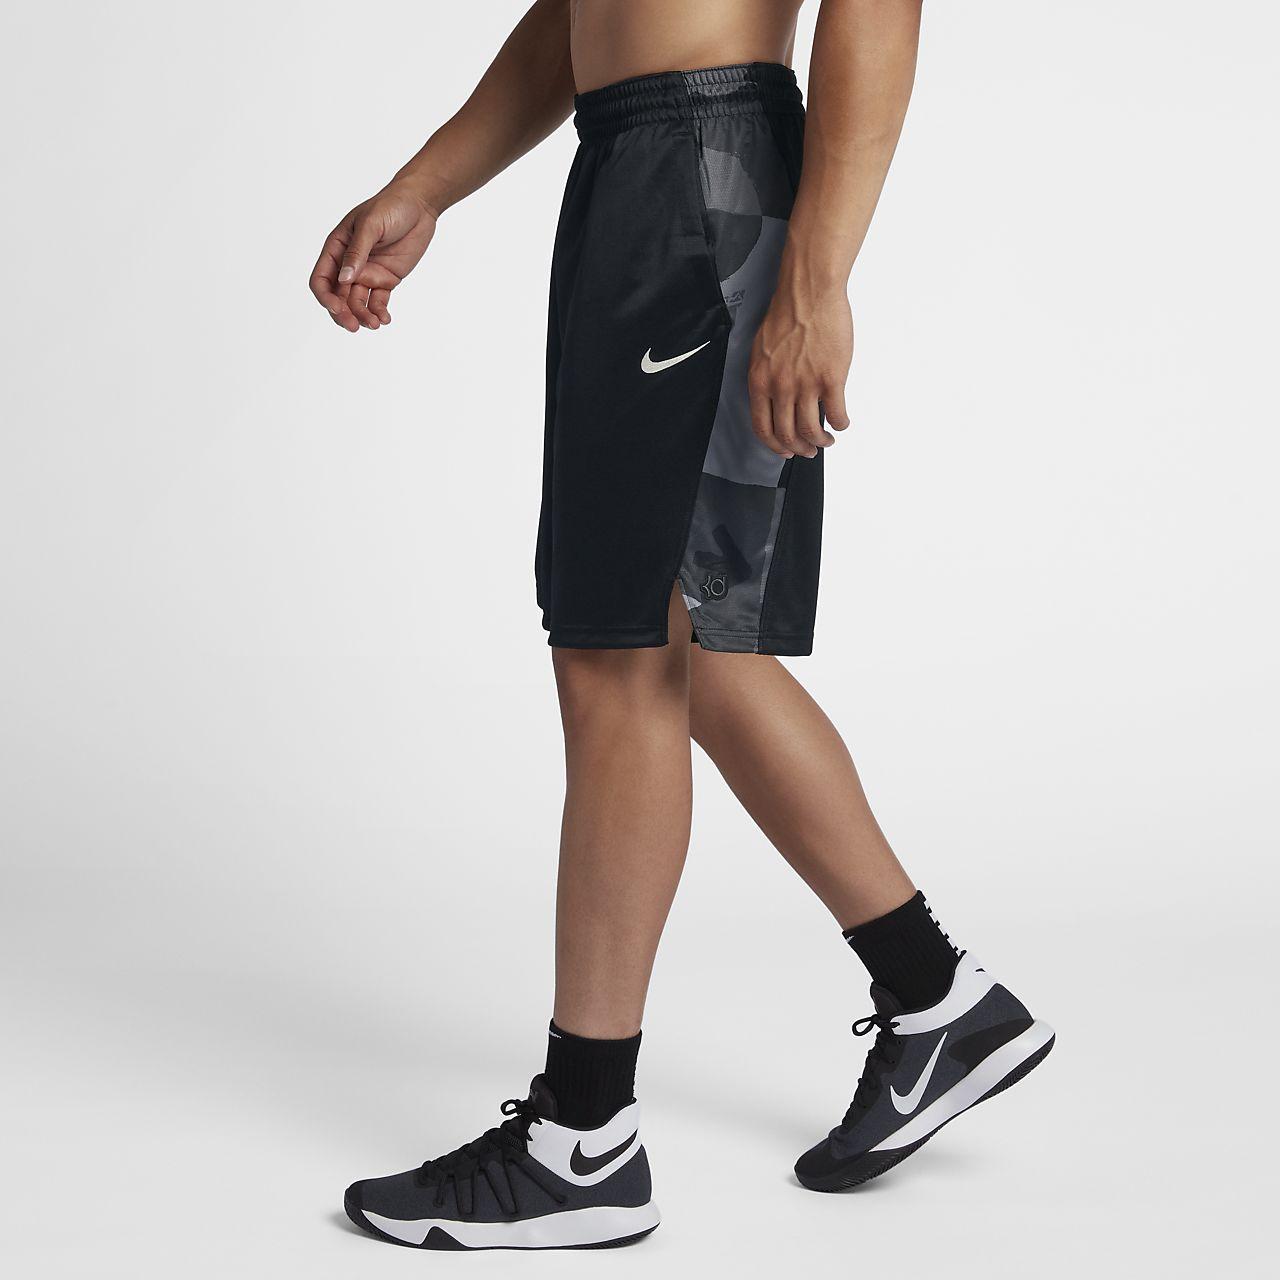 74193108f689 Nike Dri-FIT KD Elite Men s Basketball Shorts. Nike.com AU